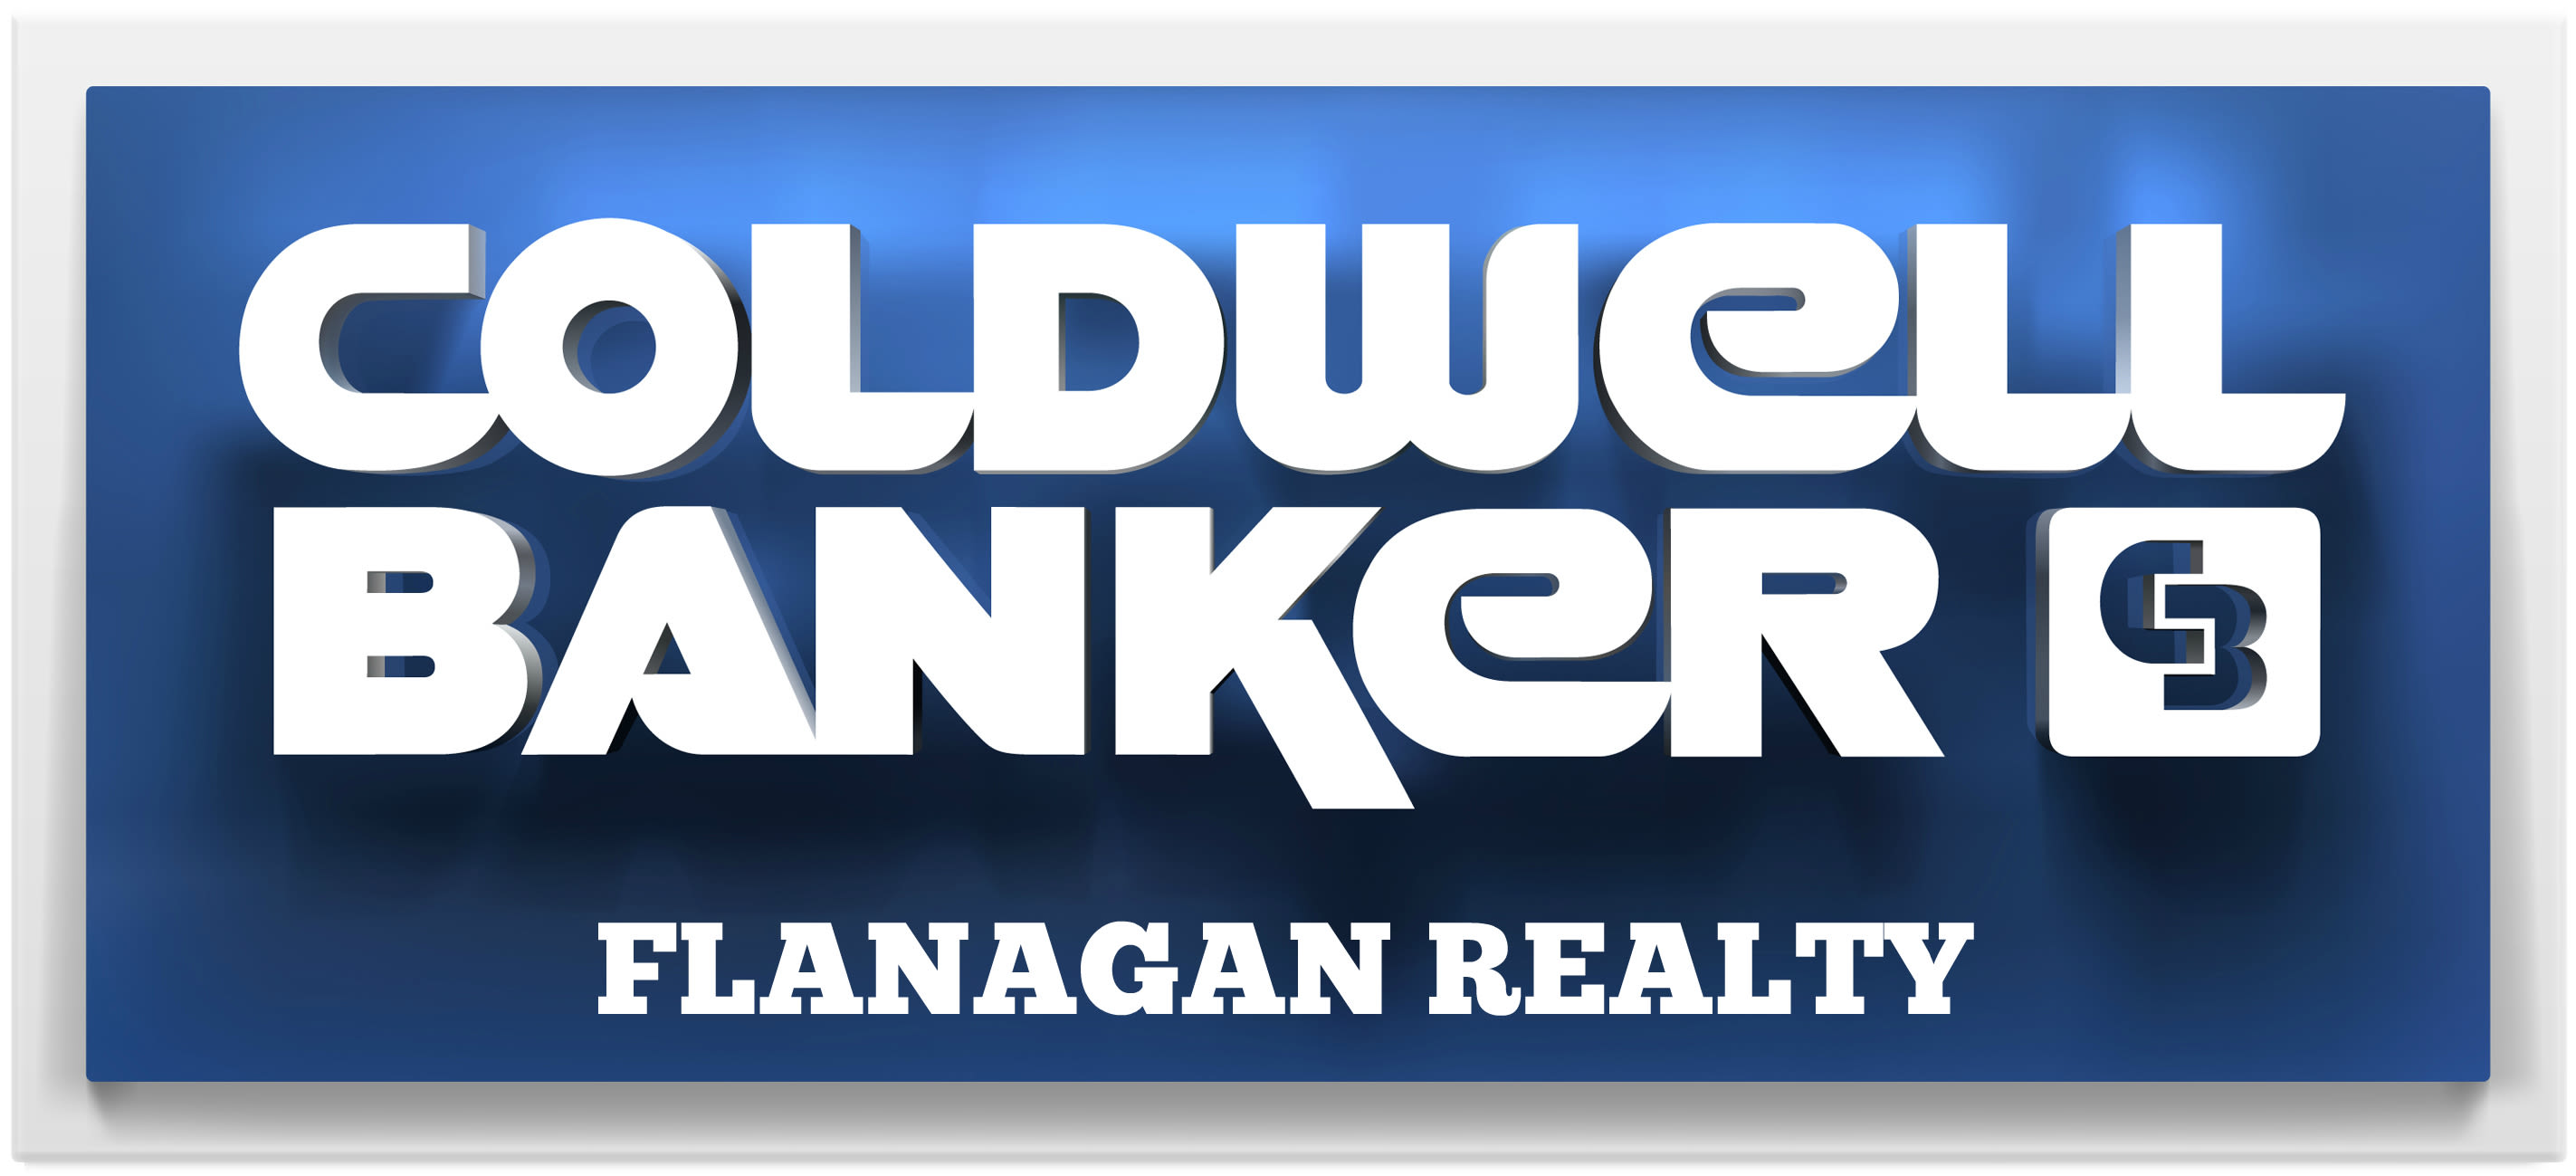 Coldwell Banker Flanagan Realty